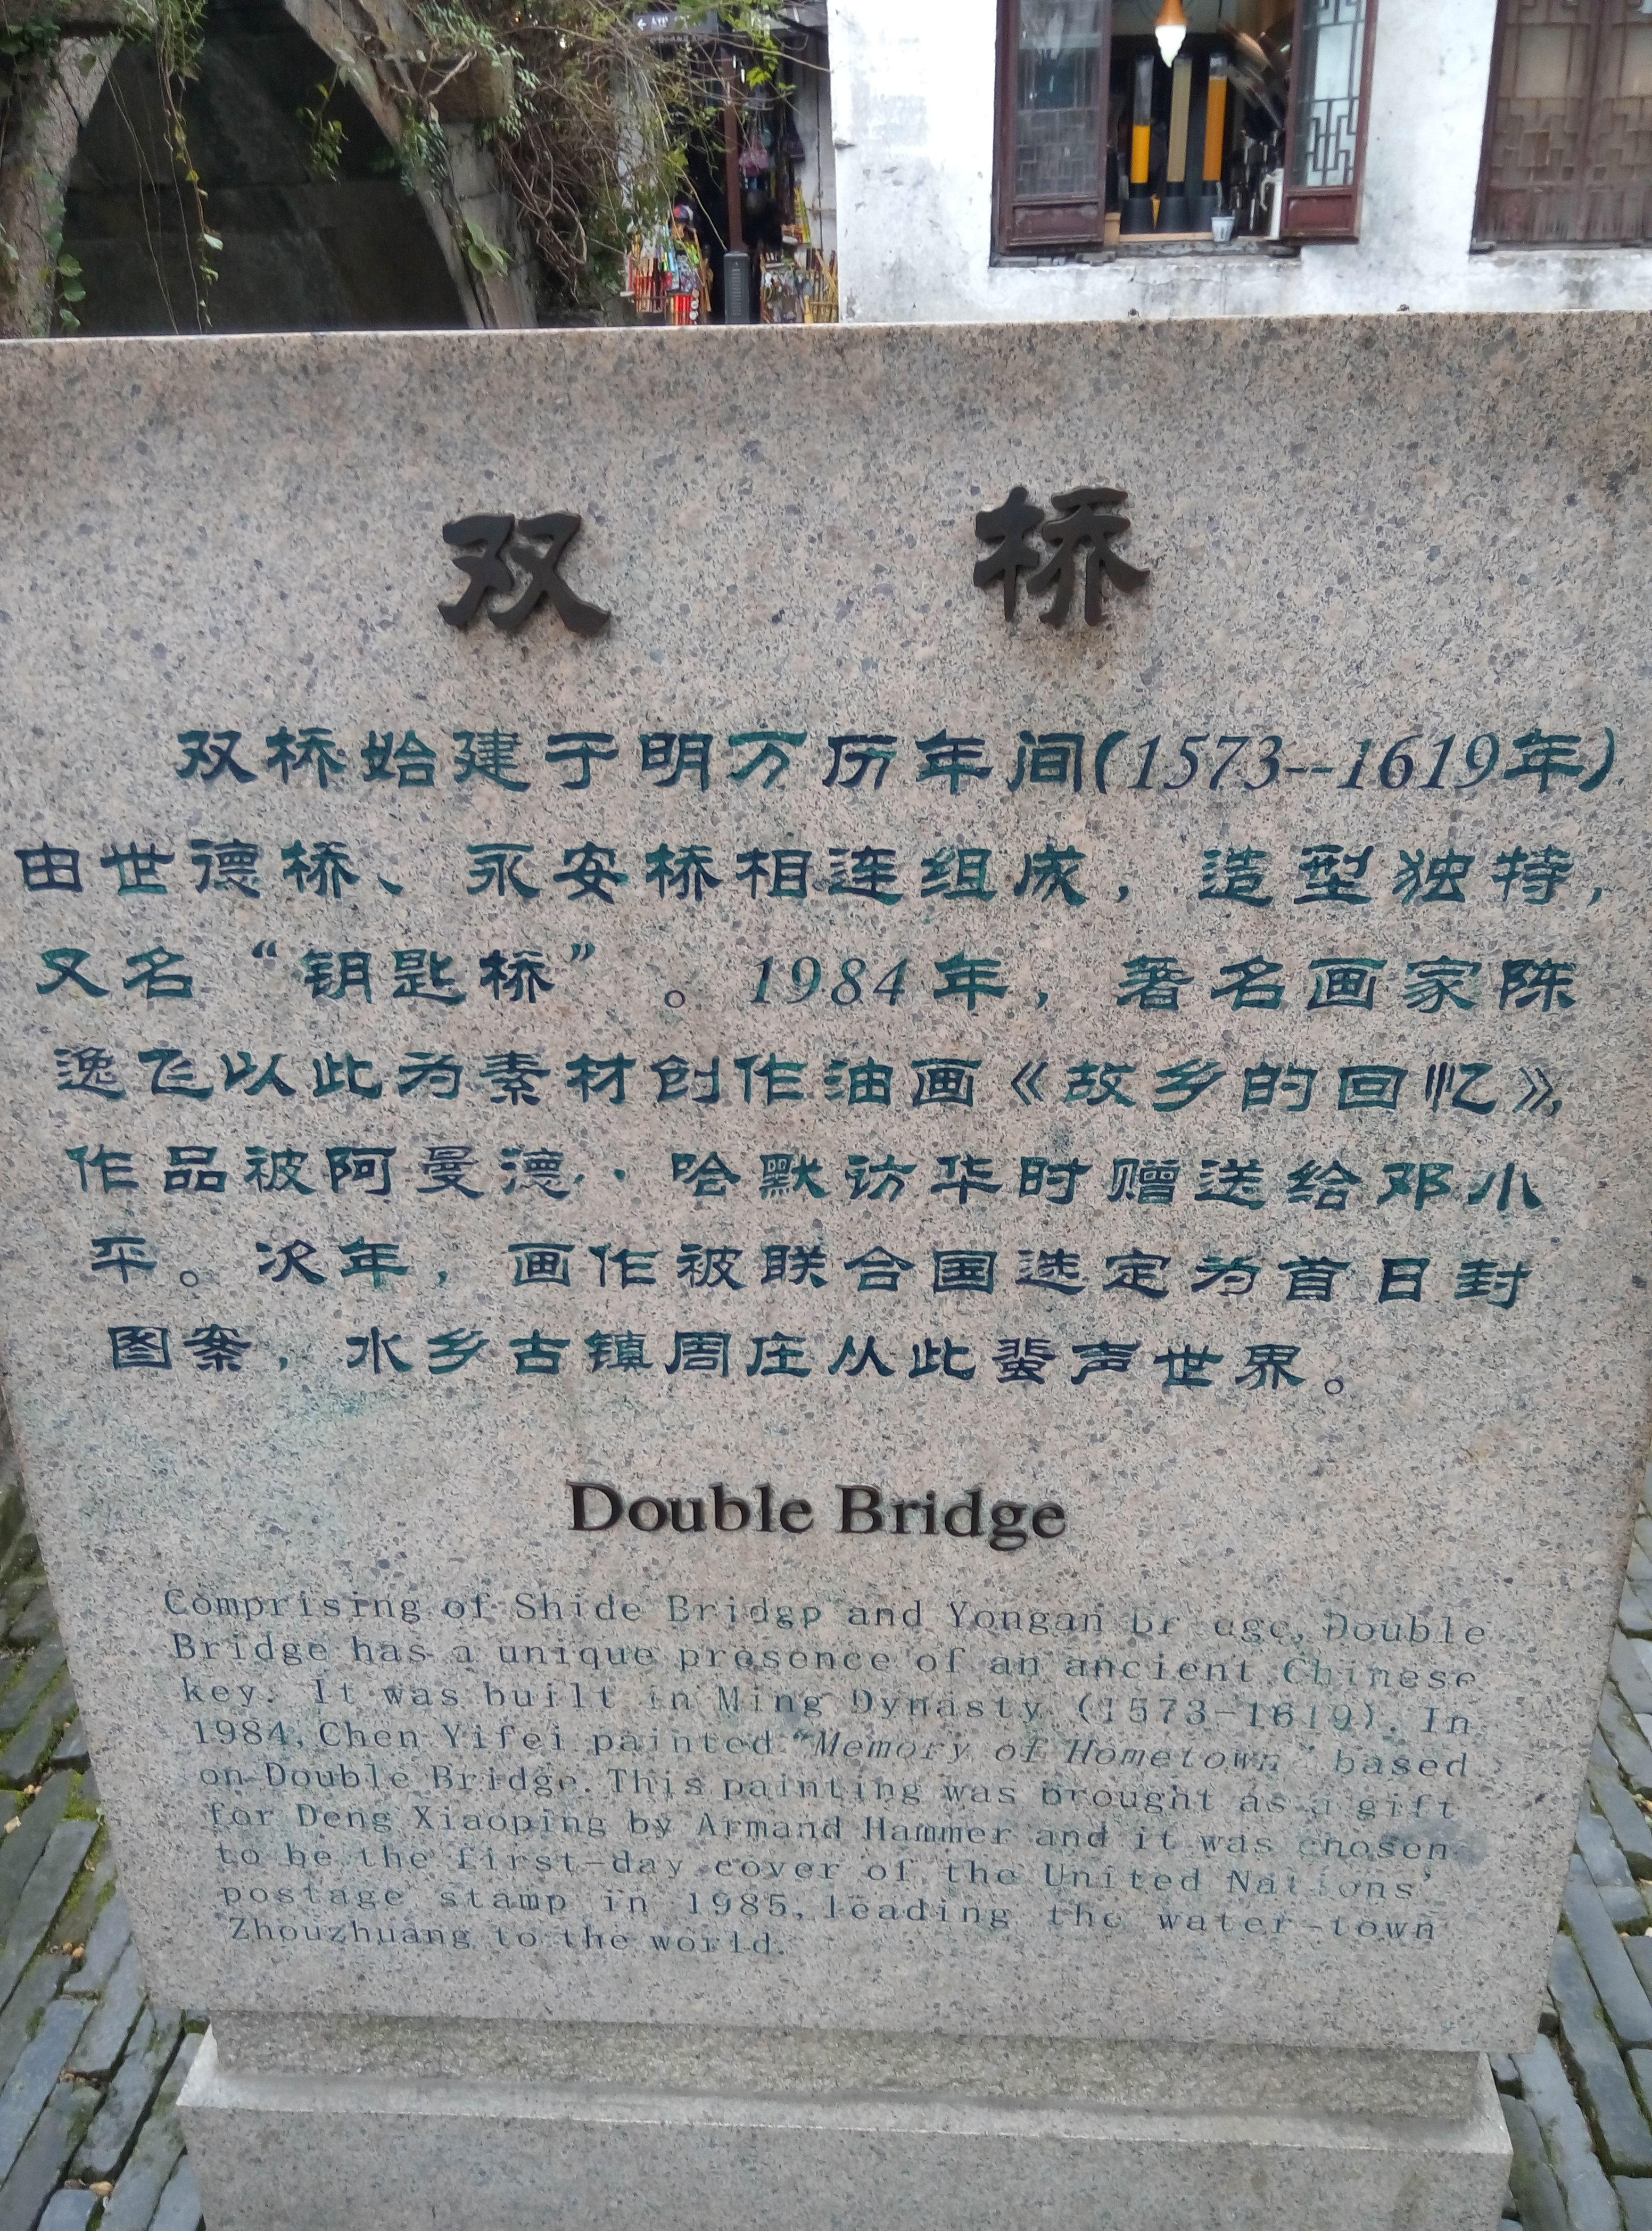 三线双桥整流电路图